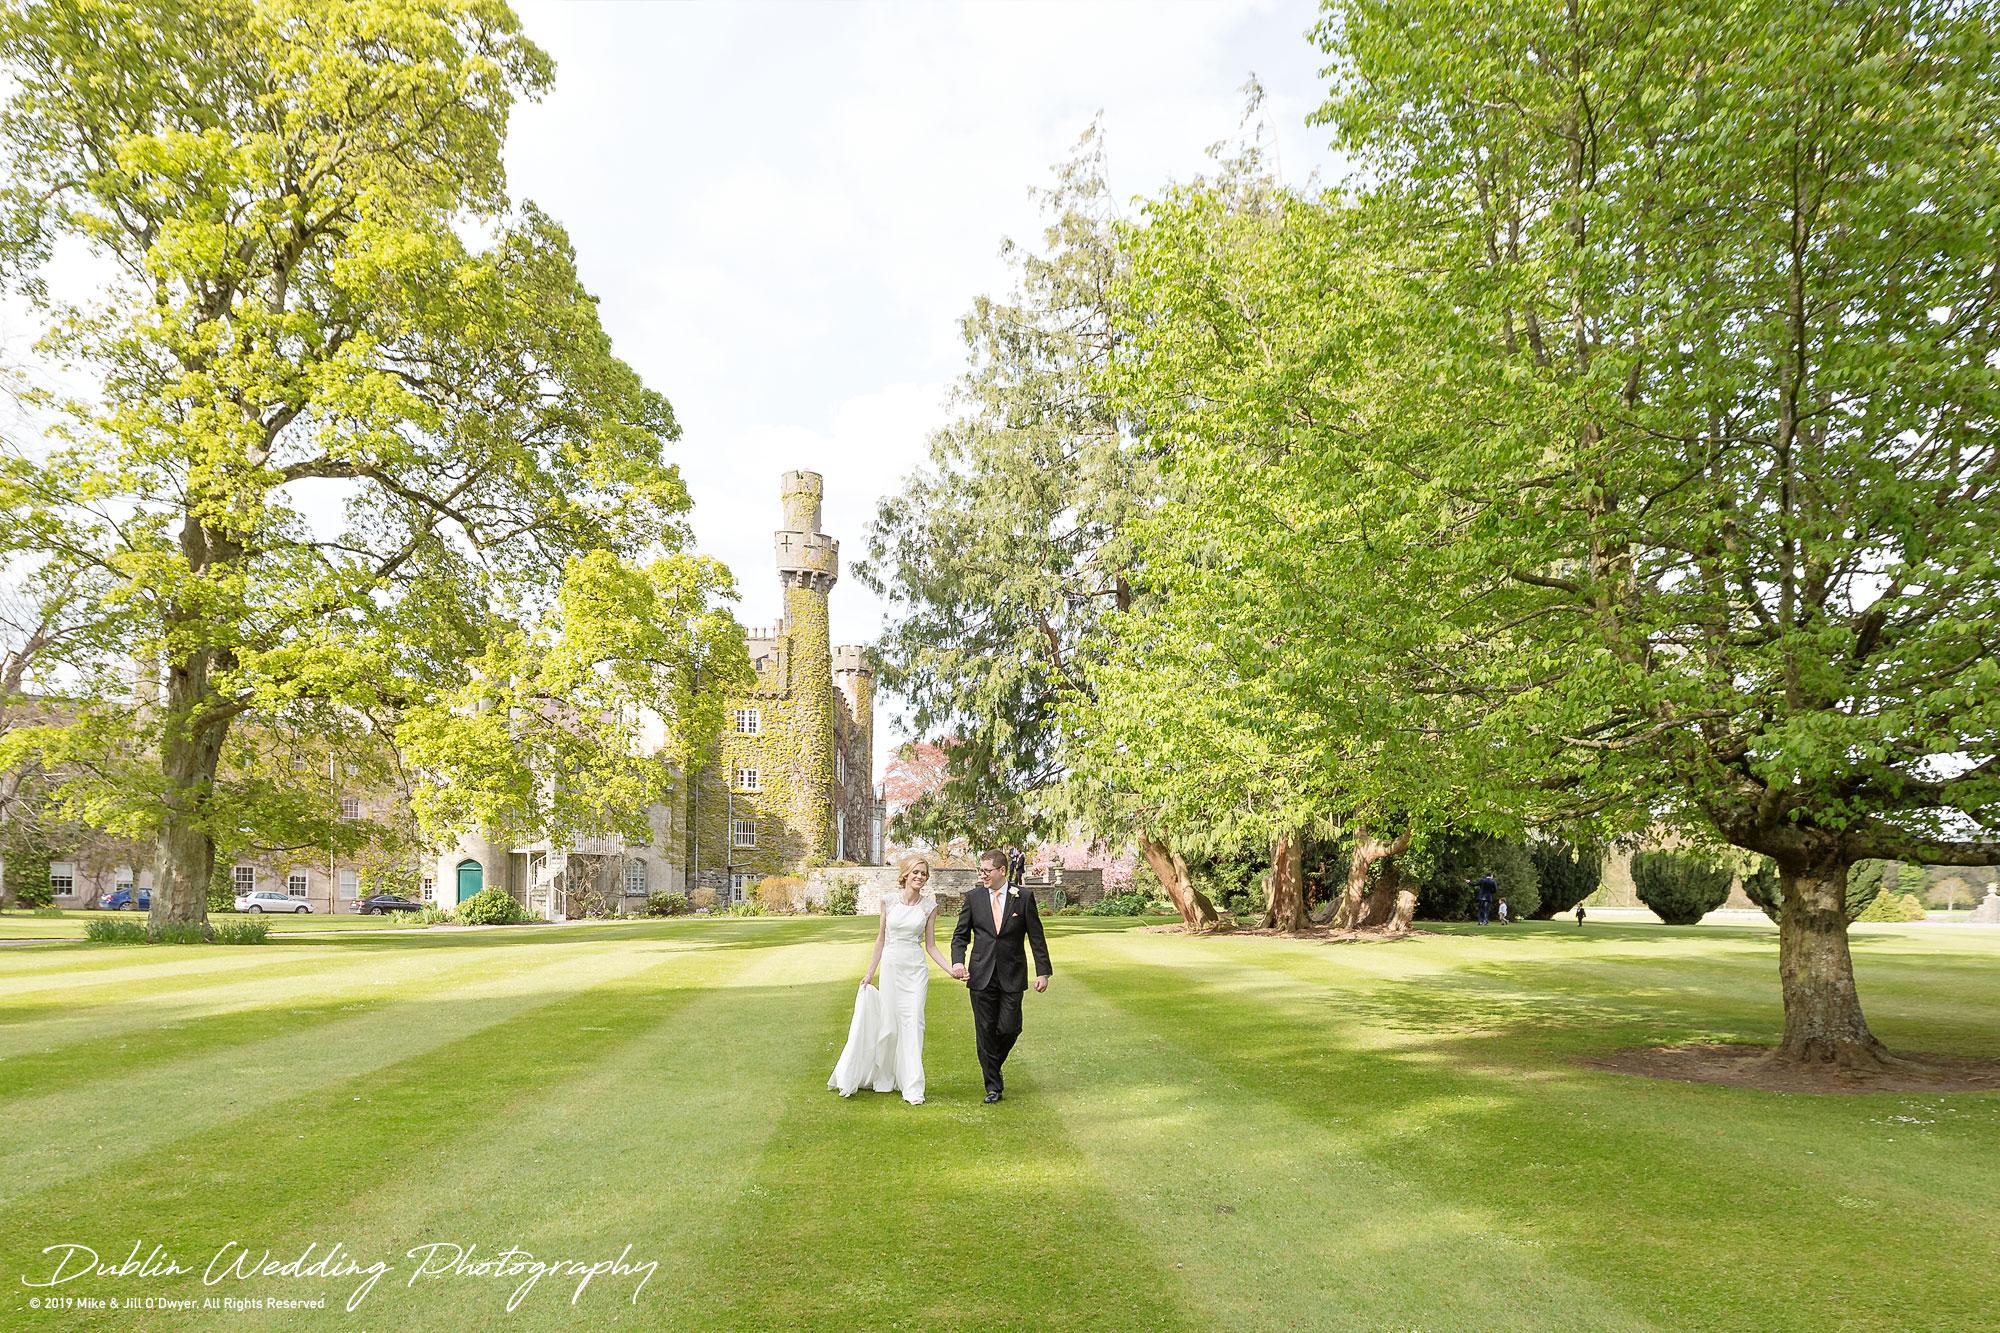 wedding-photographers-dublin-luttrellstown-castle-2016-54.jpg